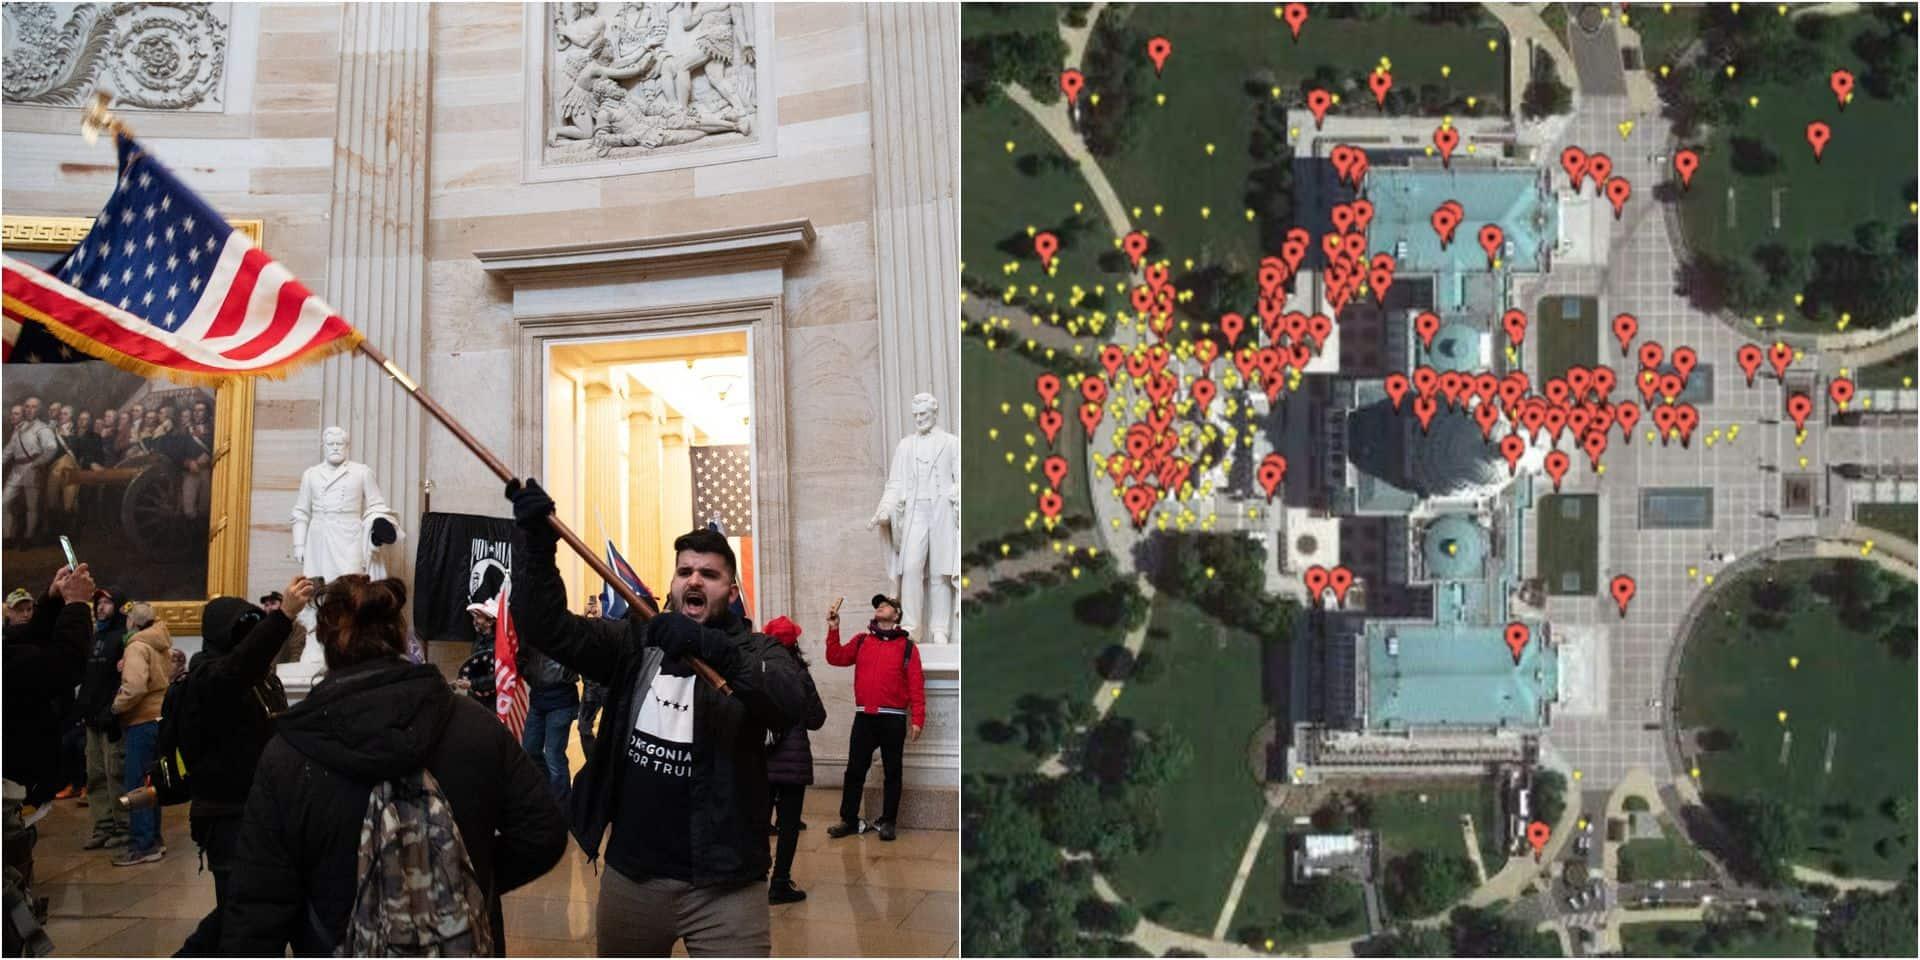 Des vidéos publiées sur les réseaux sociaux transformées en carte interactive de l'attaque du Capitole